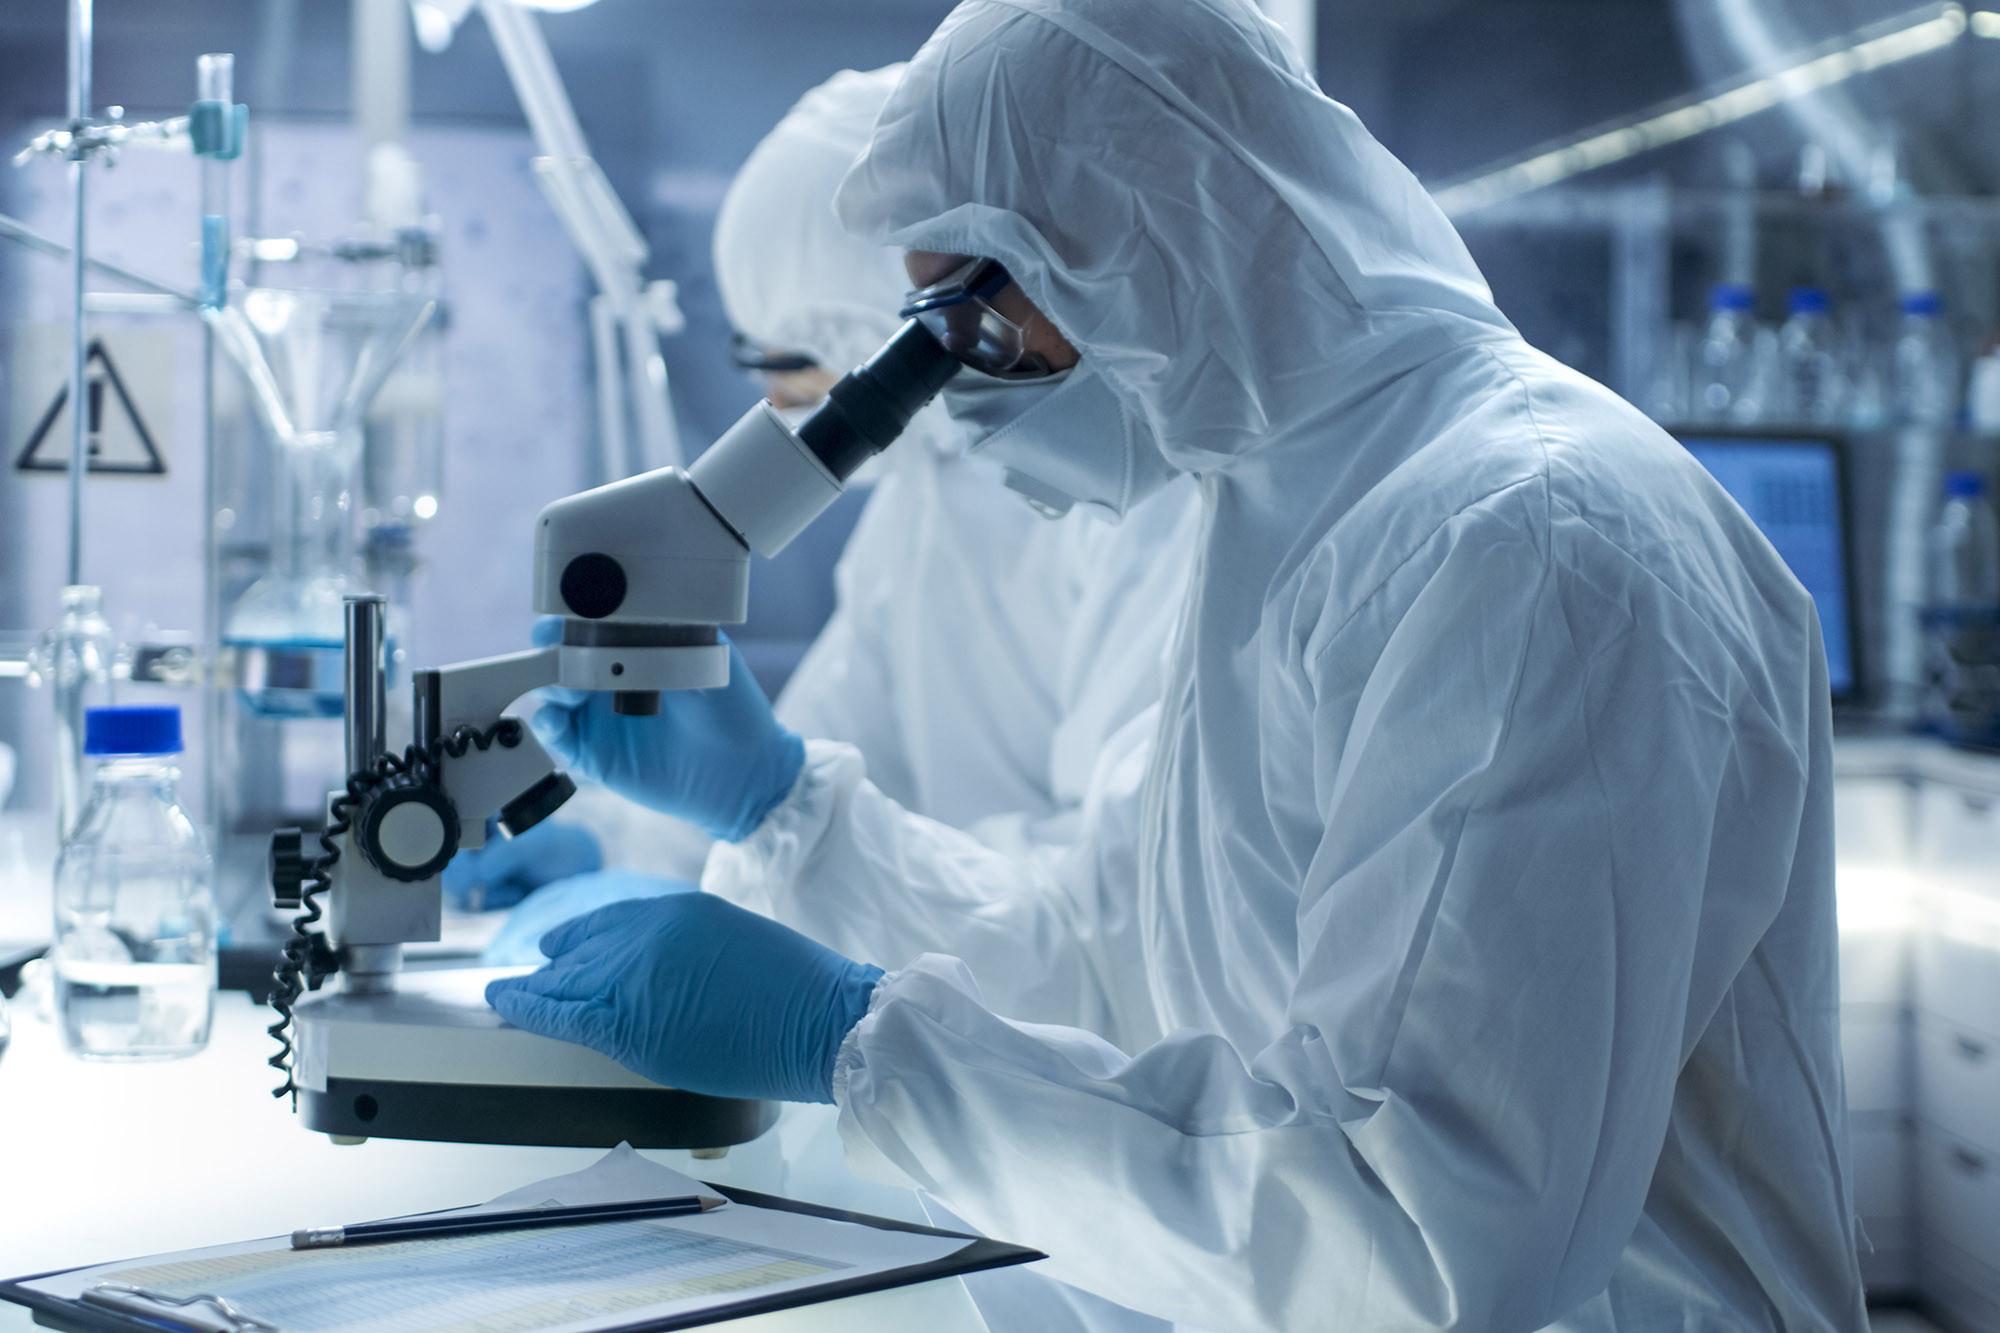 Роспотребнадзор рассказал о чипе для диагностики SARS-CoV-2